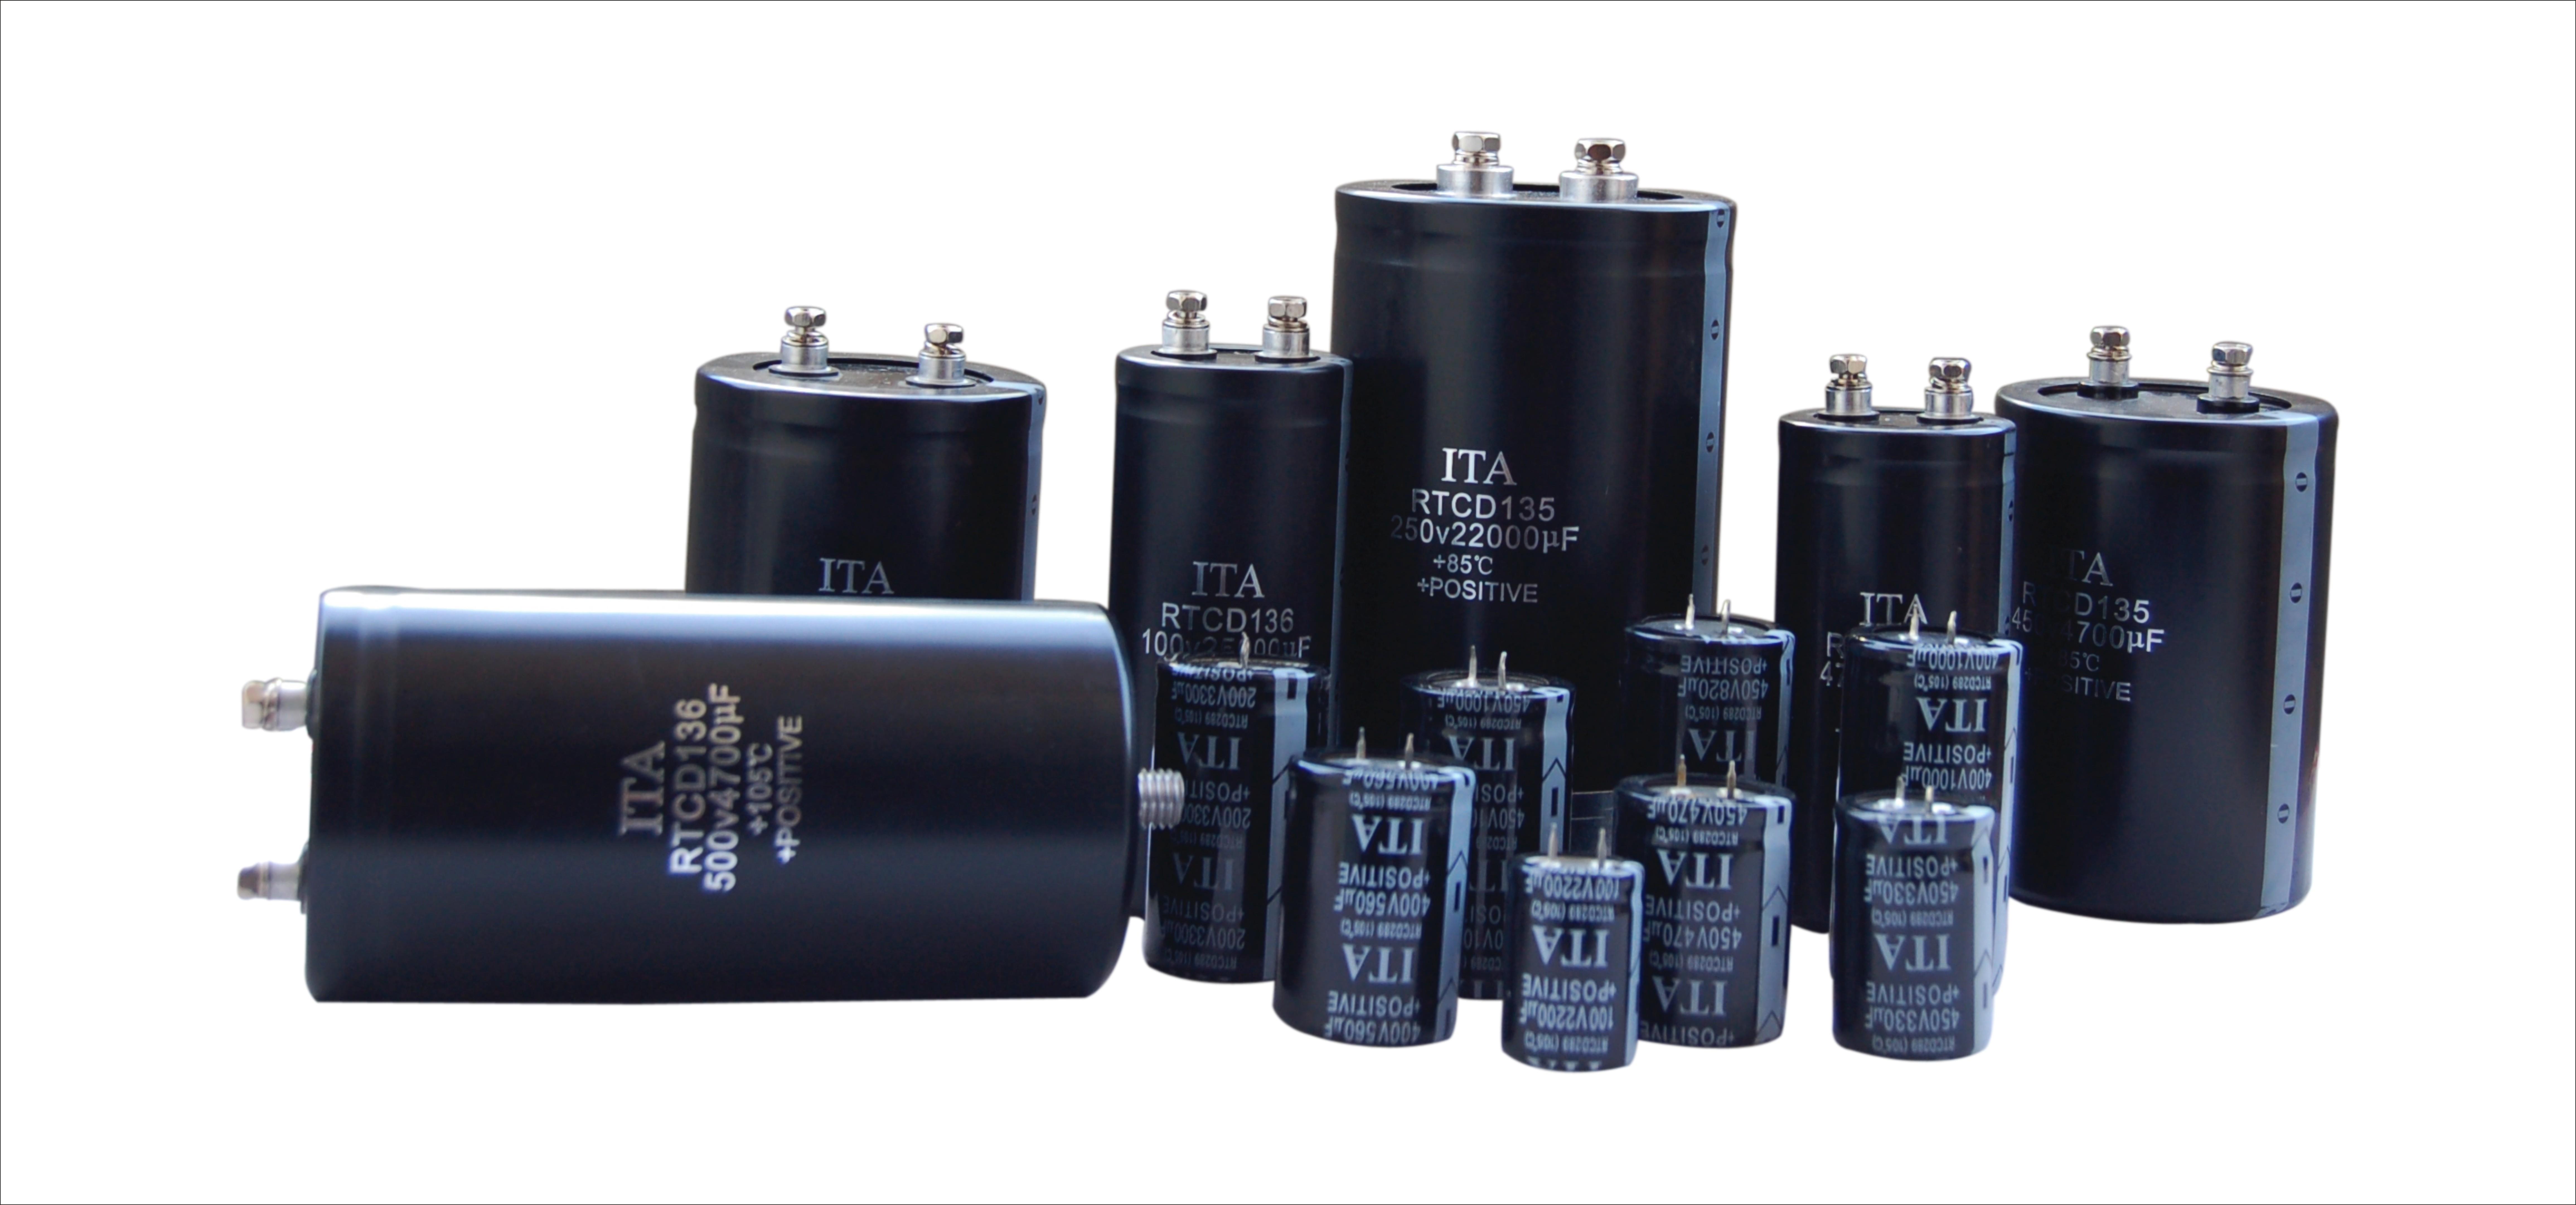 铝电解电容-电解电容-螺栓电容-牛角电解电容-螺栓电容-电解电容生产厂家-日田电容器